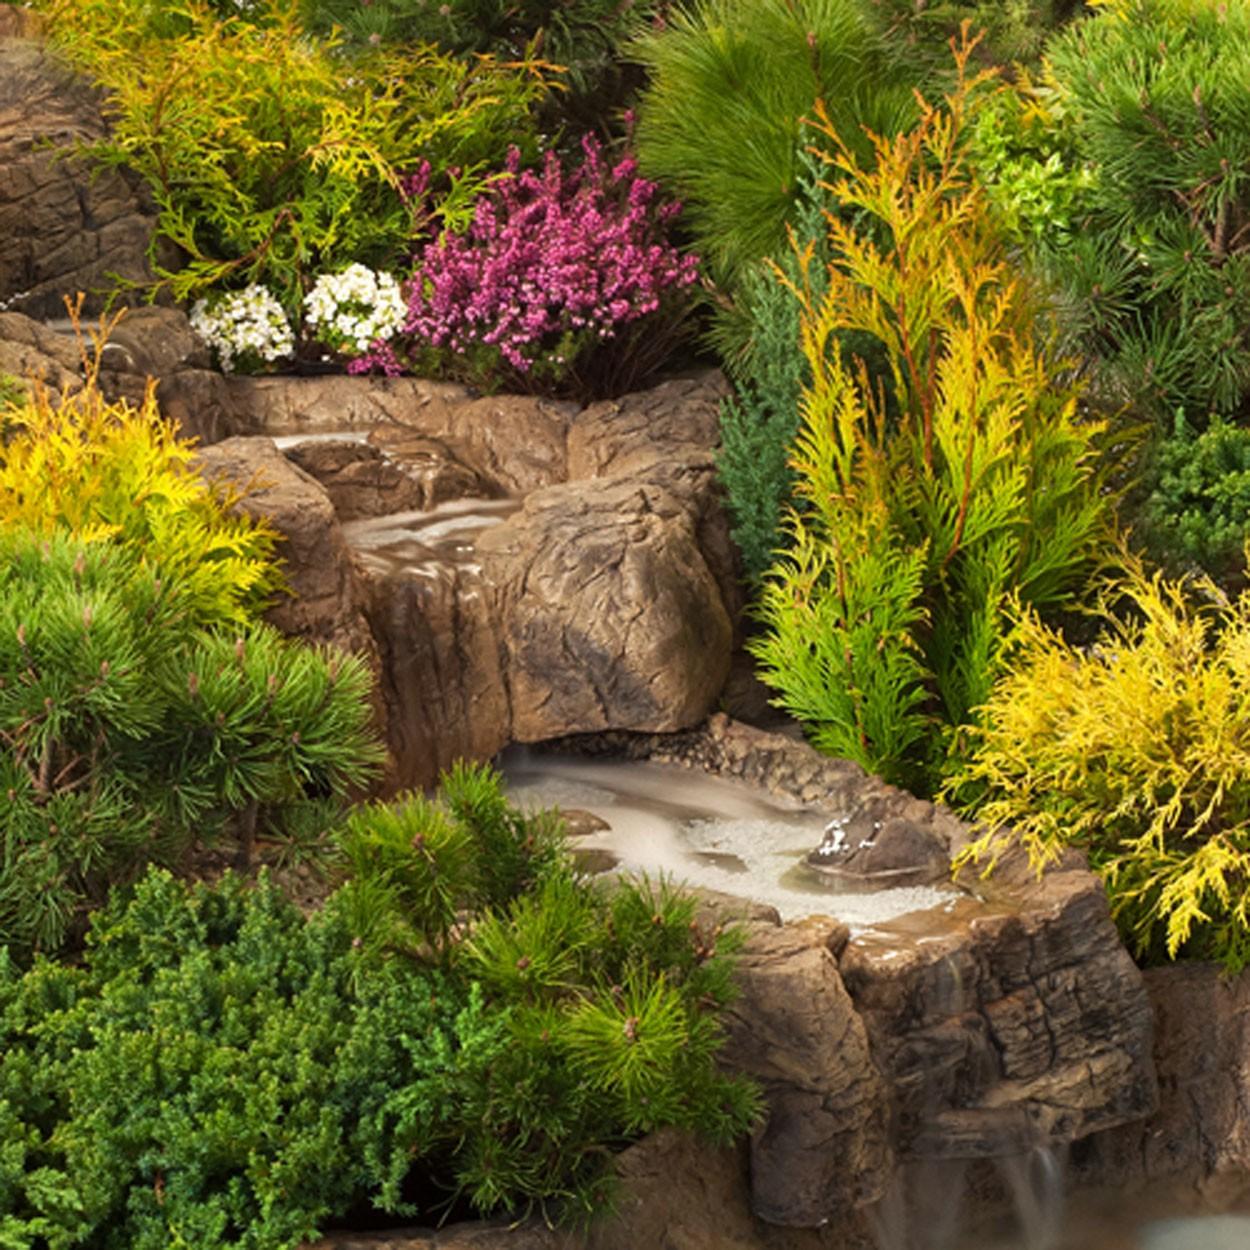 Bachlauf element auslauf klein steinoptik gartenteich wasserfall fif teich welt bachl ufe - Gartenteich klein ...